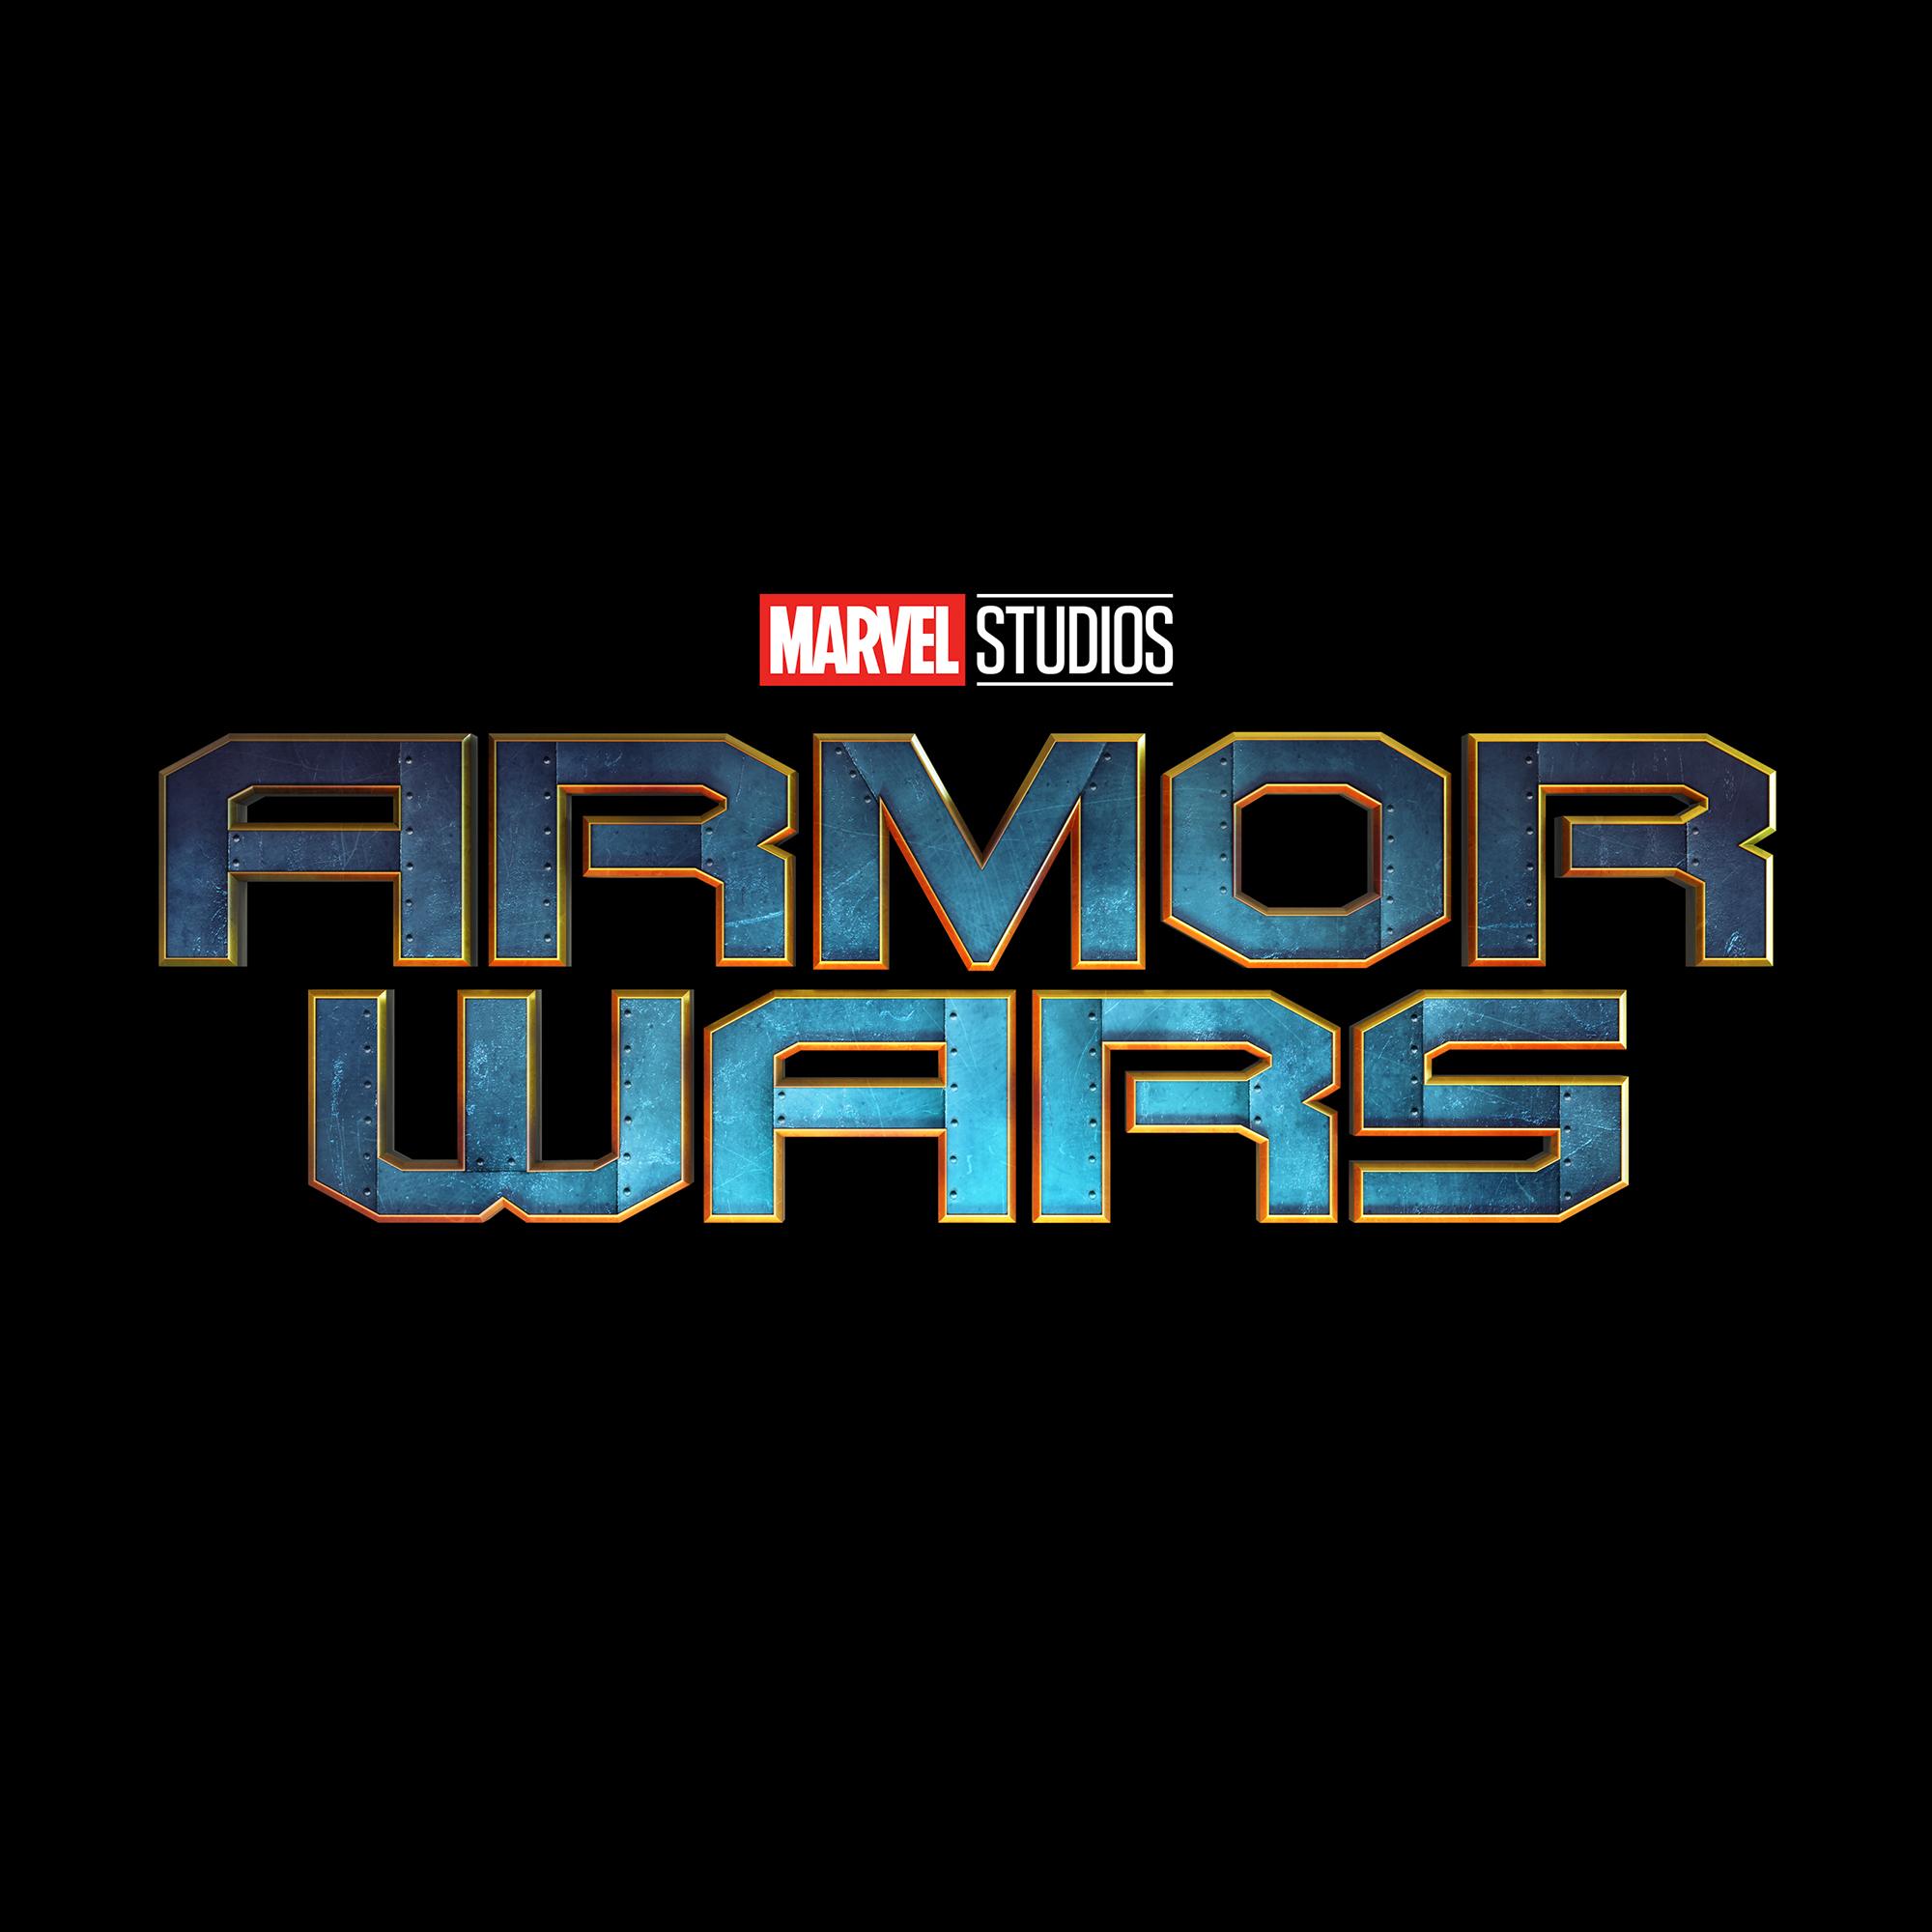 """cinepre Twitterren: """"ドン・チードル演じるWar Machineを主人公に描くドラマシリーズ""""Armor Wars""""がDisney+で配信されるようだ。  https://t.co/UprcP2EJbx (The Wrap)"""""""